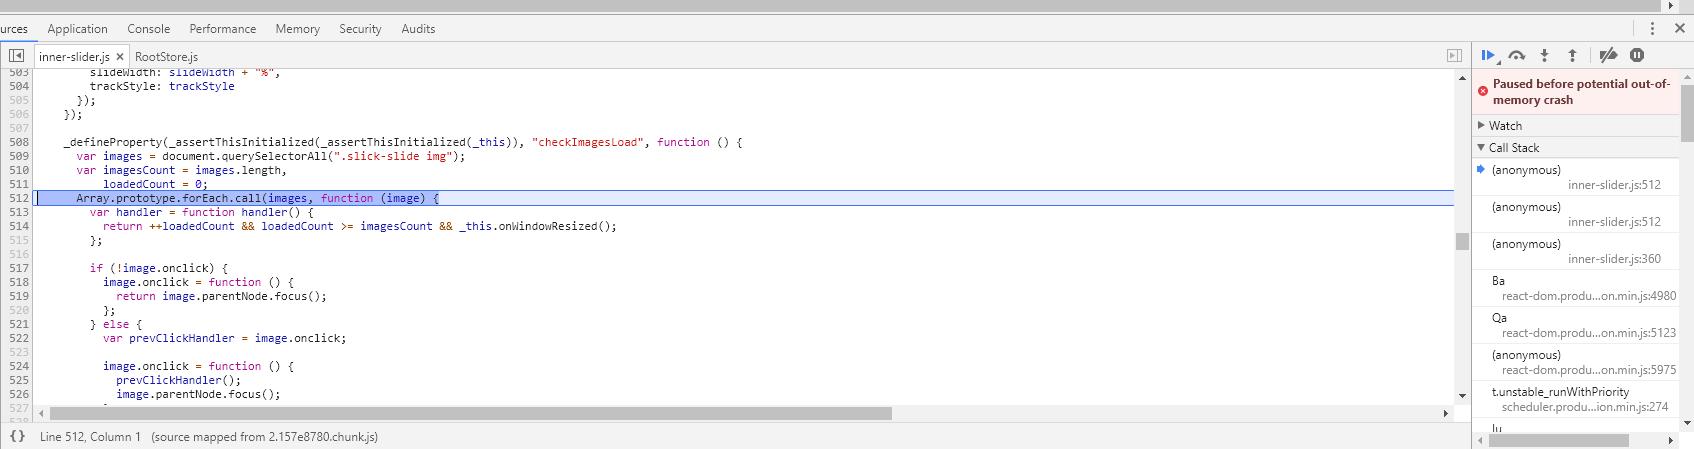 Slick Js Dependencies